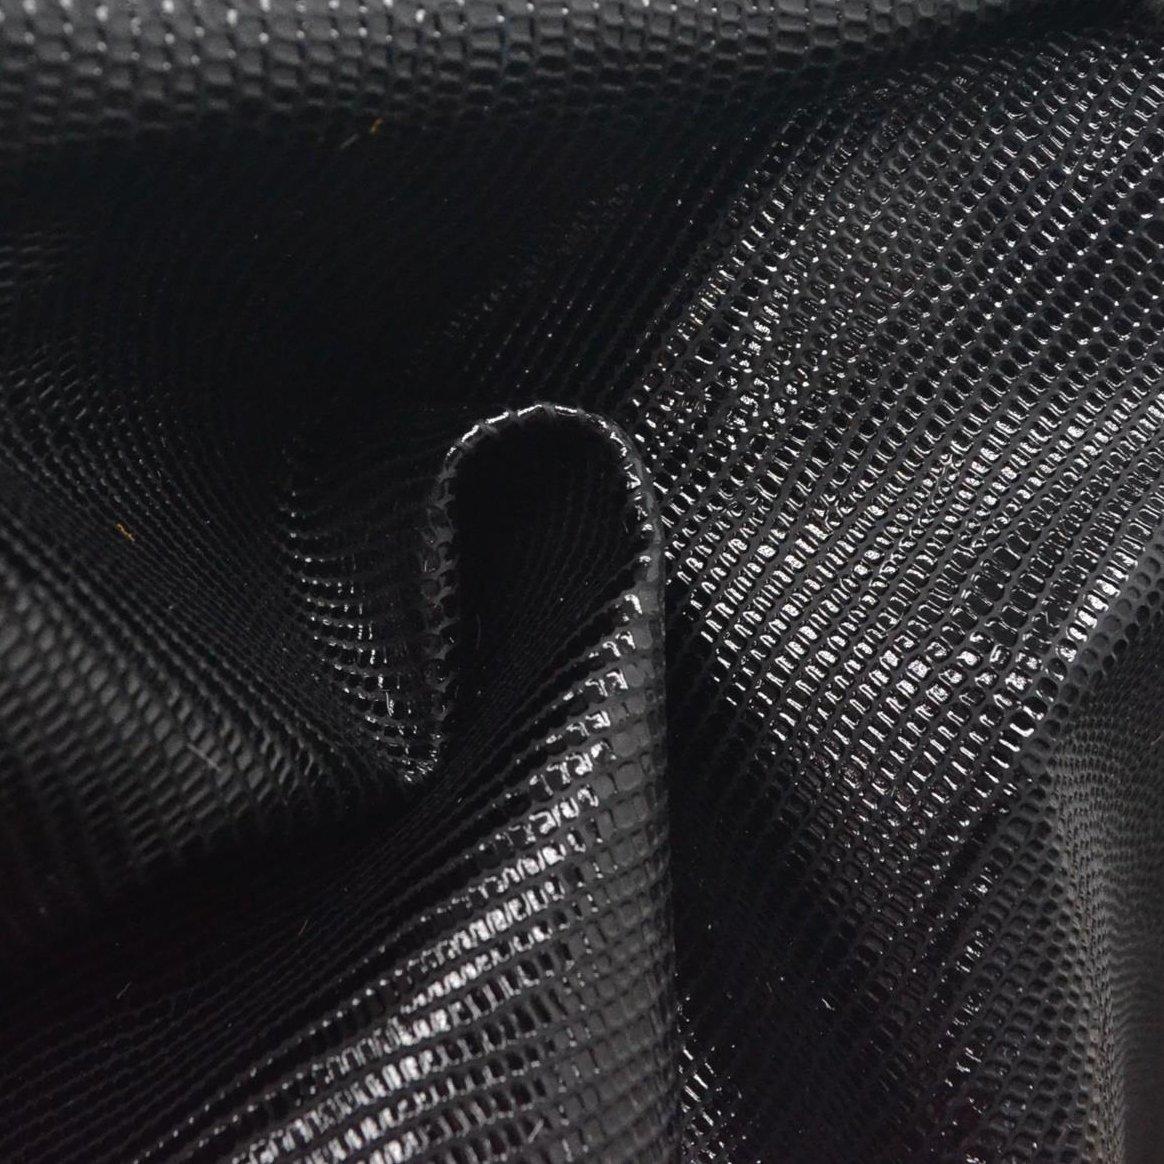 ファッションレザーCalf非表示8.2 SQ FTオニキスブラック2 oz Reptile Embossed - 11 B07FBB8KXX